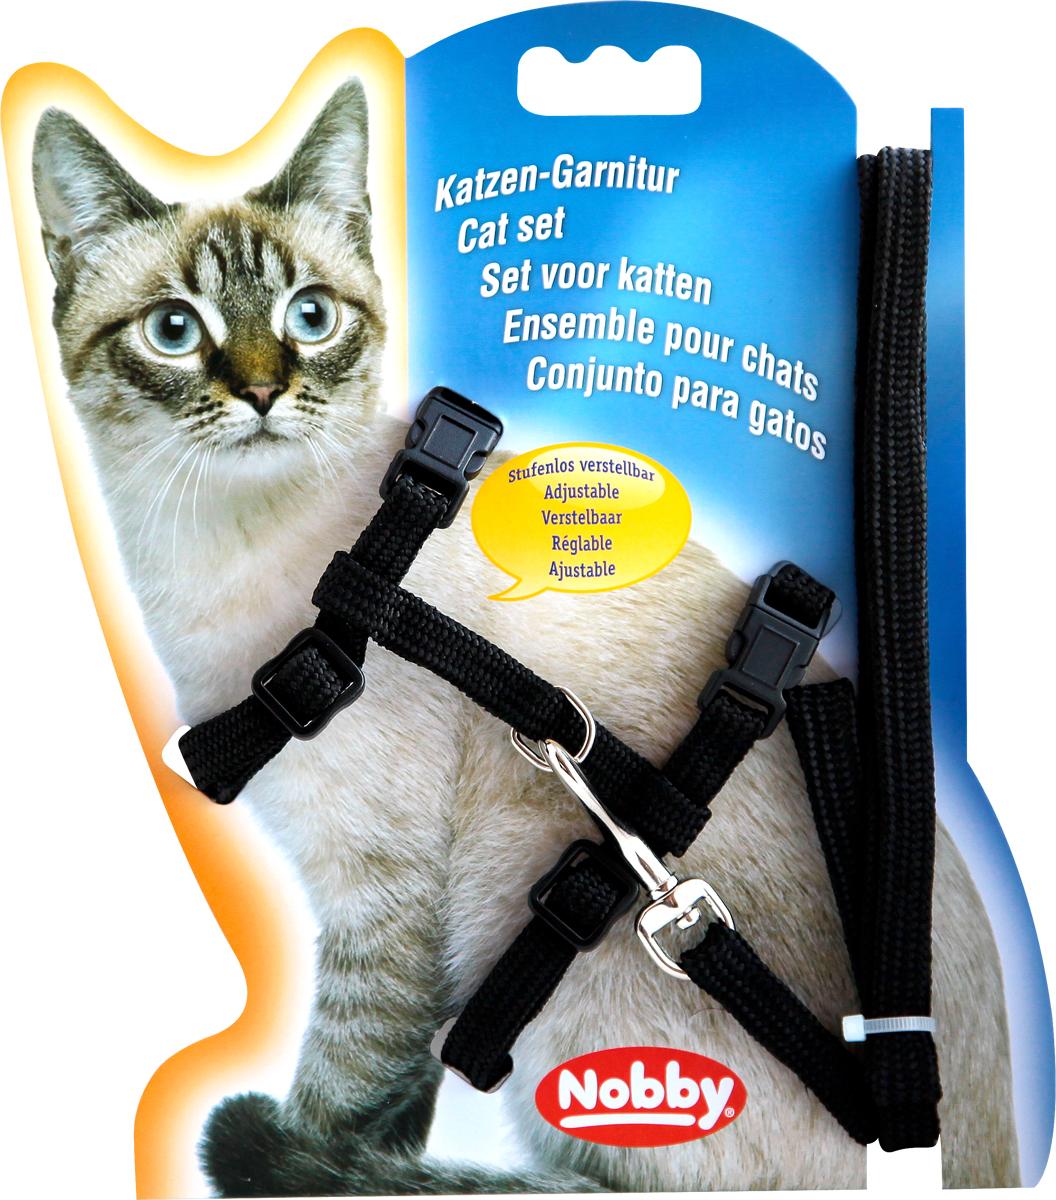 Шлейка Nobby, для кошек, универсальный, цвет: черный, 7221872218-05Комплект из шлейки и поводка из нейлона.